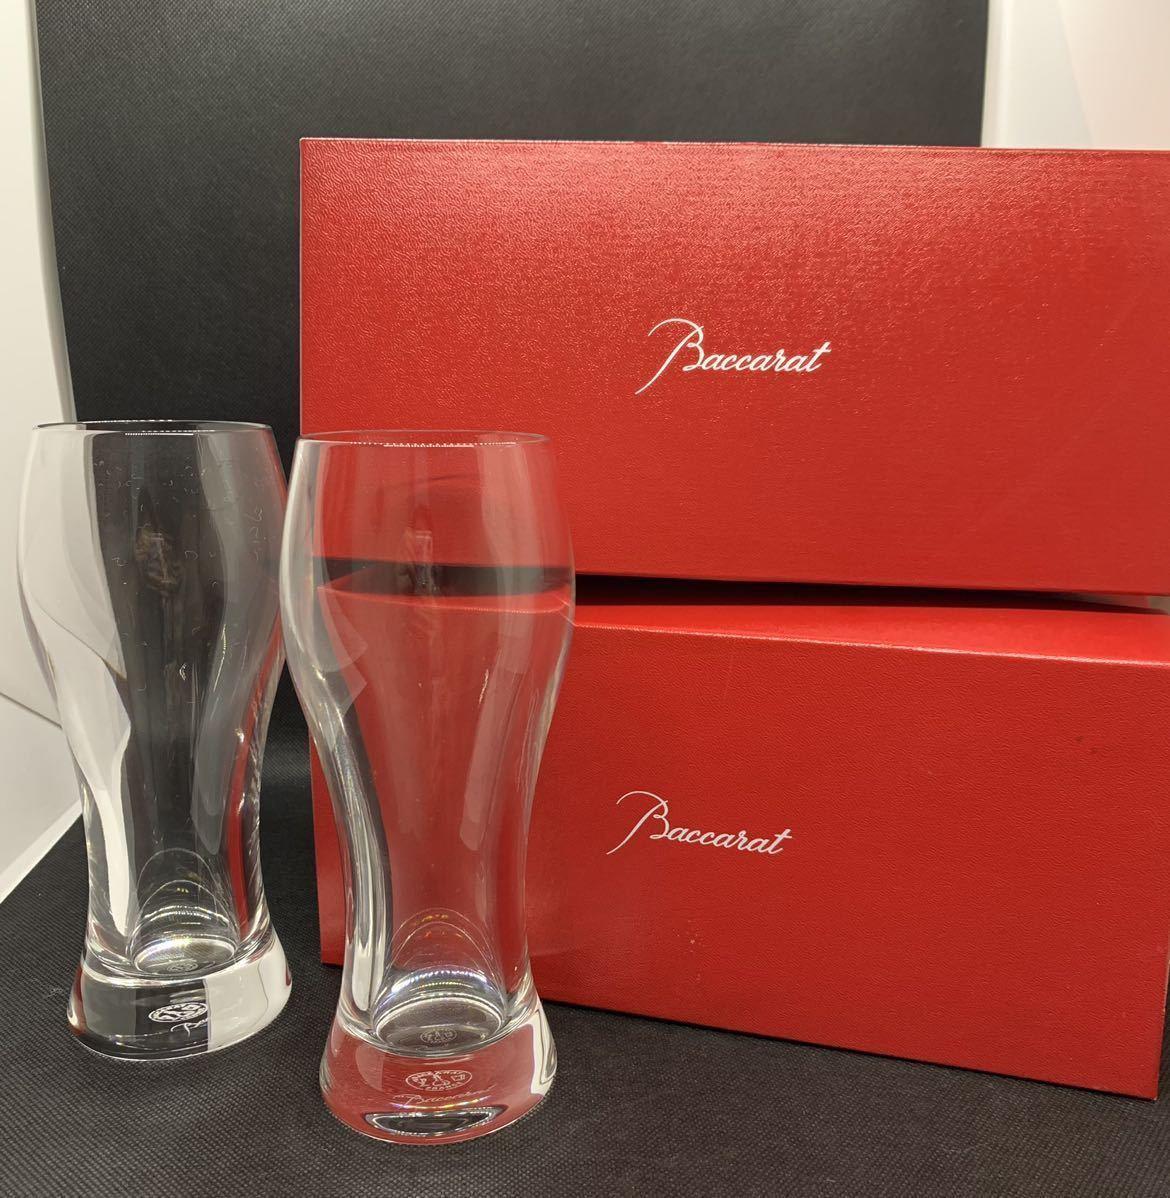 【★ト打】美品 バカラ Baccarat オノロジー ビアグラス ペア 箱付き ビールグラス 2点セット グラス AZ891BOR92